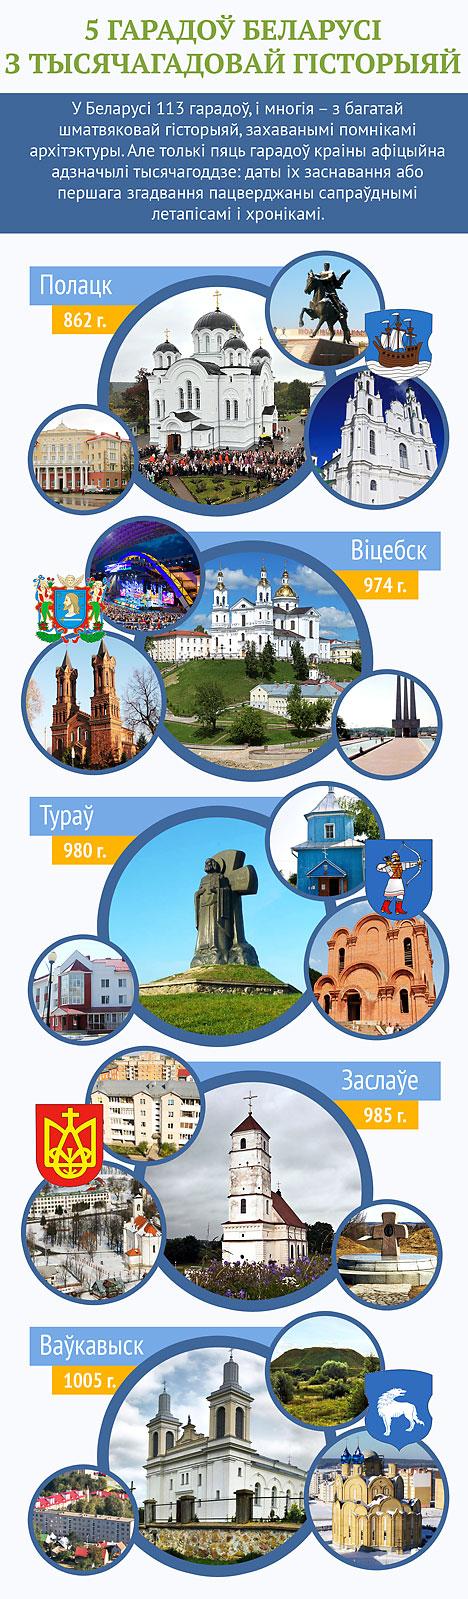 5 гарадоў Беларусі з тысячагадовай гісторыяй